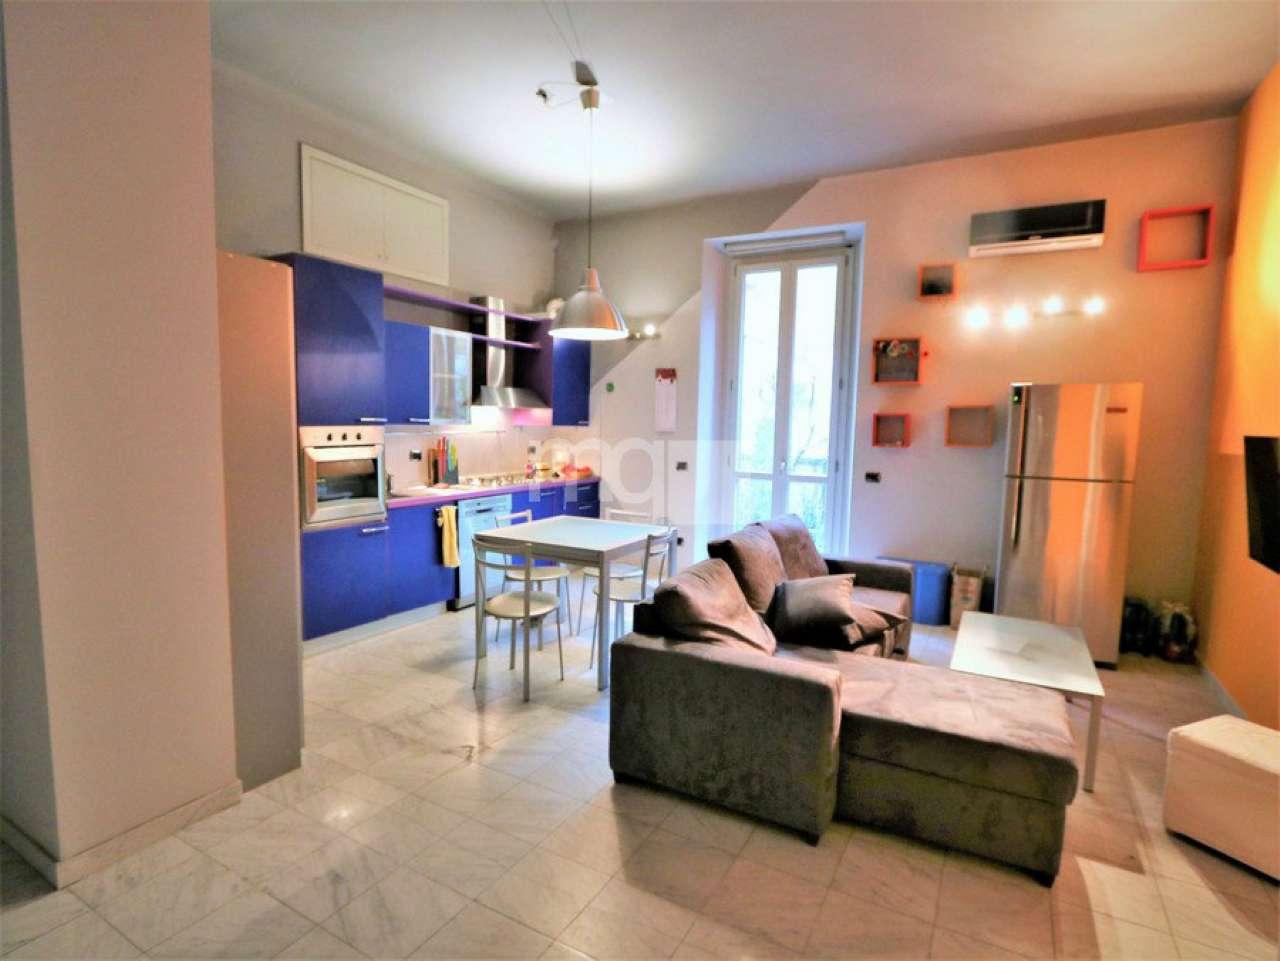 Appartamento in vendita a Milano, 4 locali, zona Zona: 2 . Repubblica, Stazione Centrale, P.ta Nuova, B. Marcello, prezzo € 450.000 | Cambio Casa.it